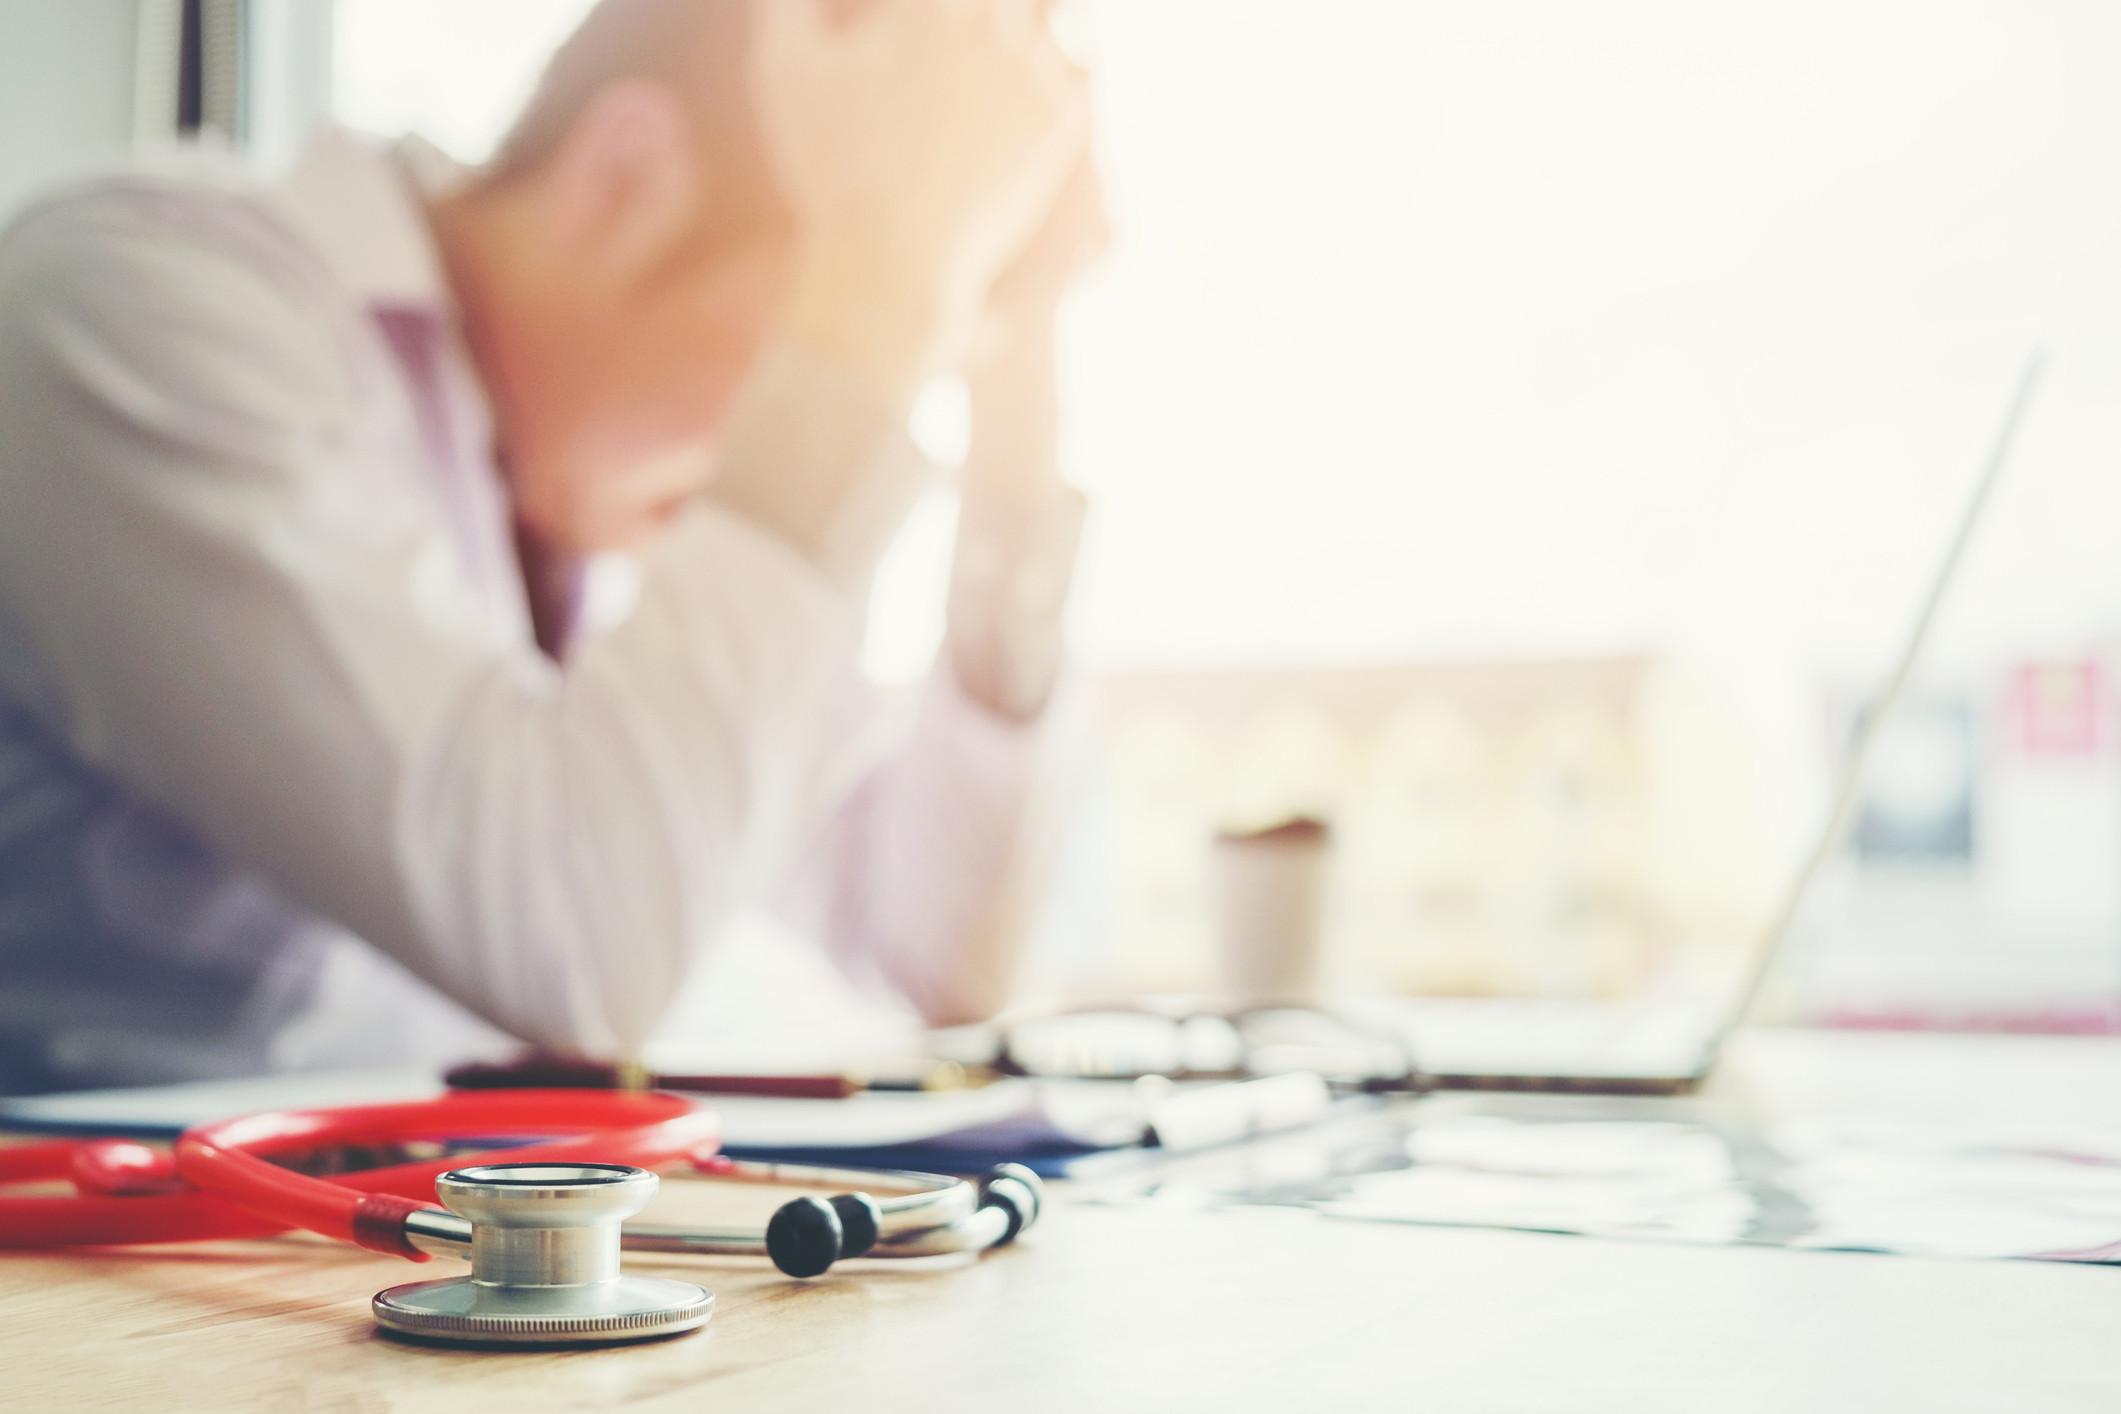 Doctor-Burnout-iStock-Sarinyapinngam_865228192